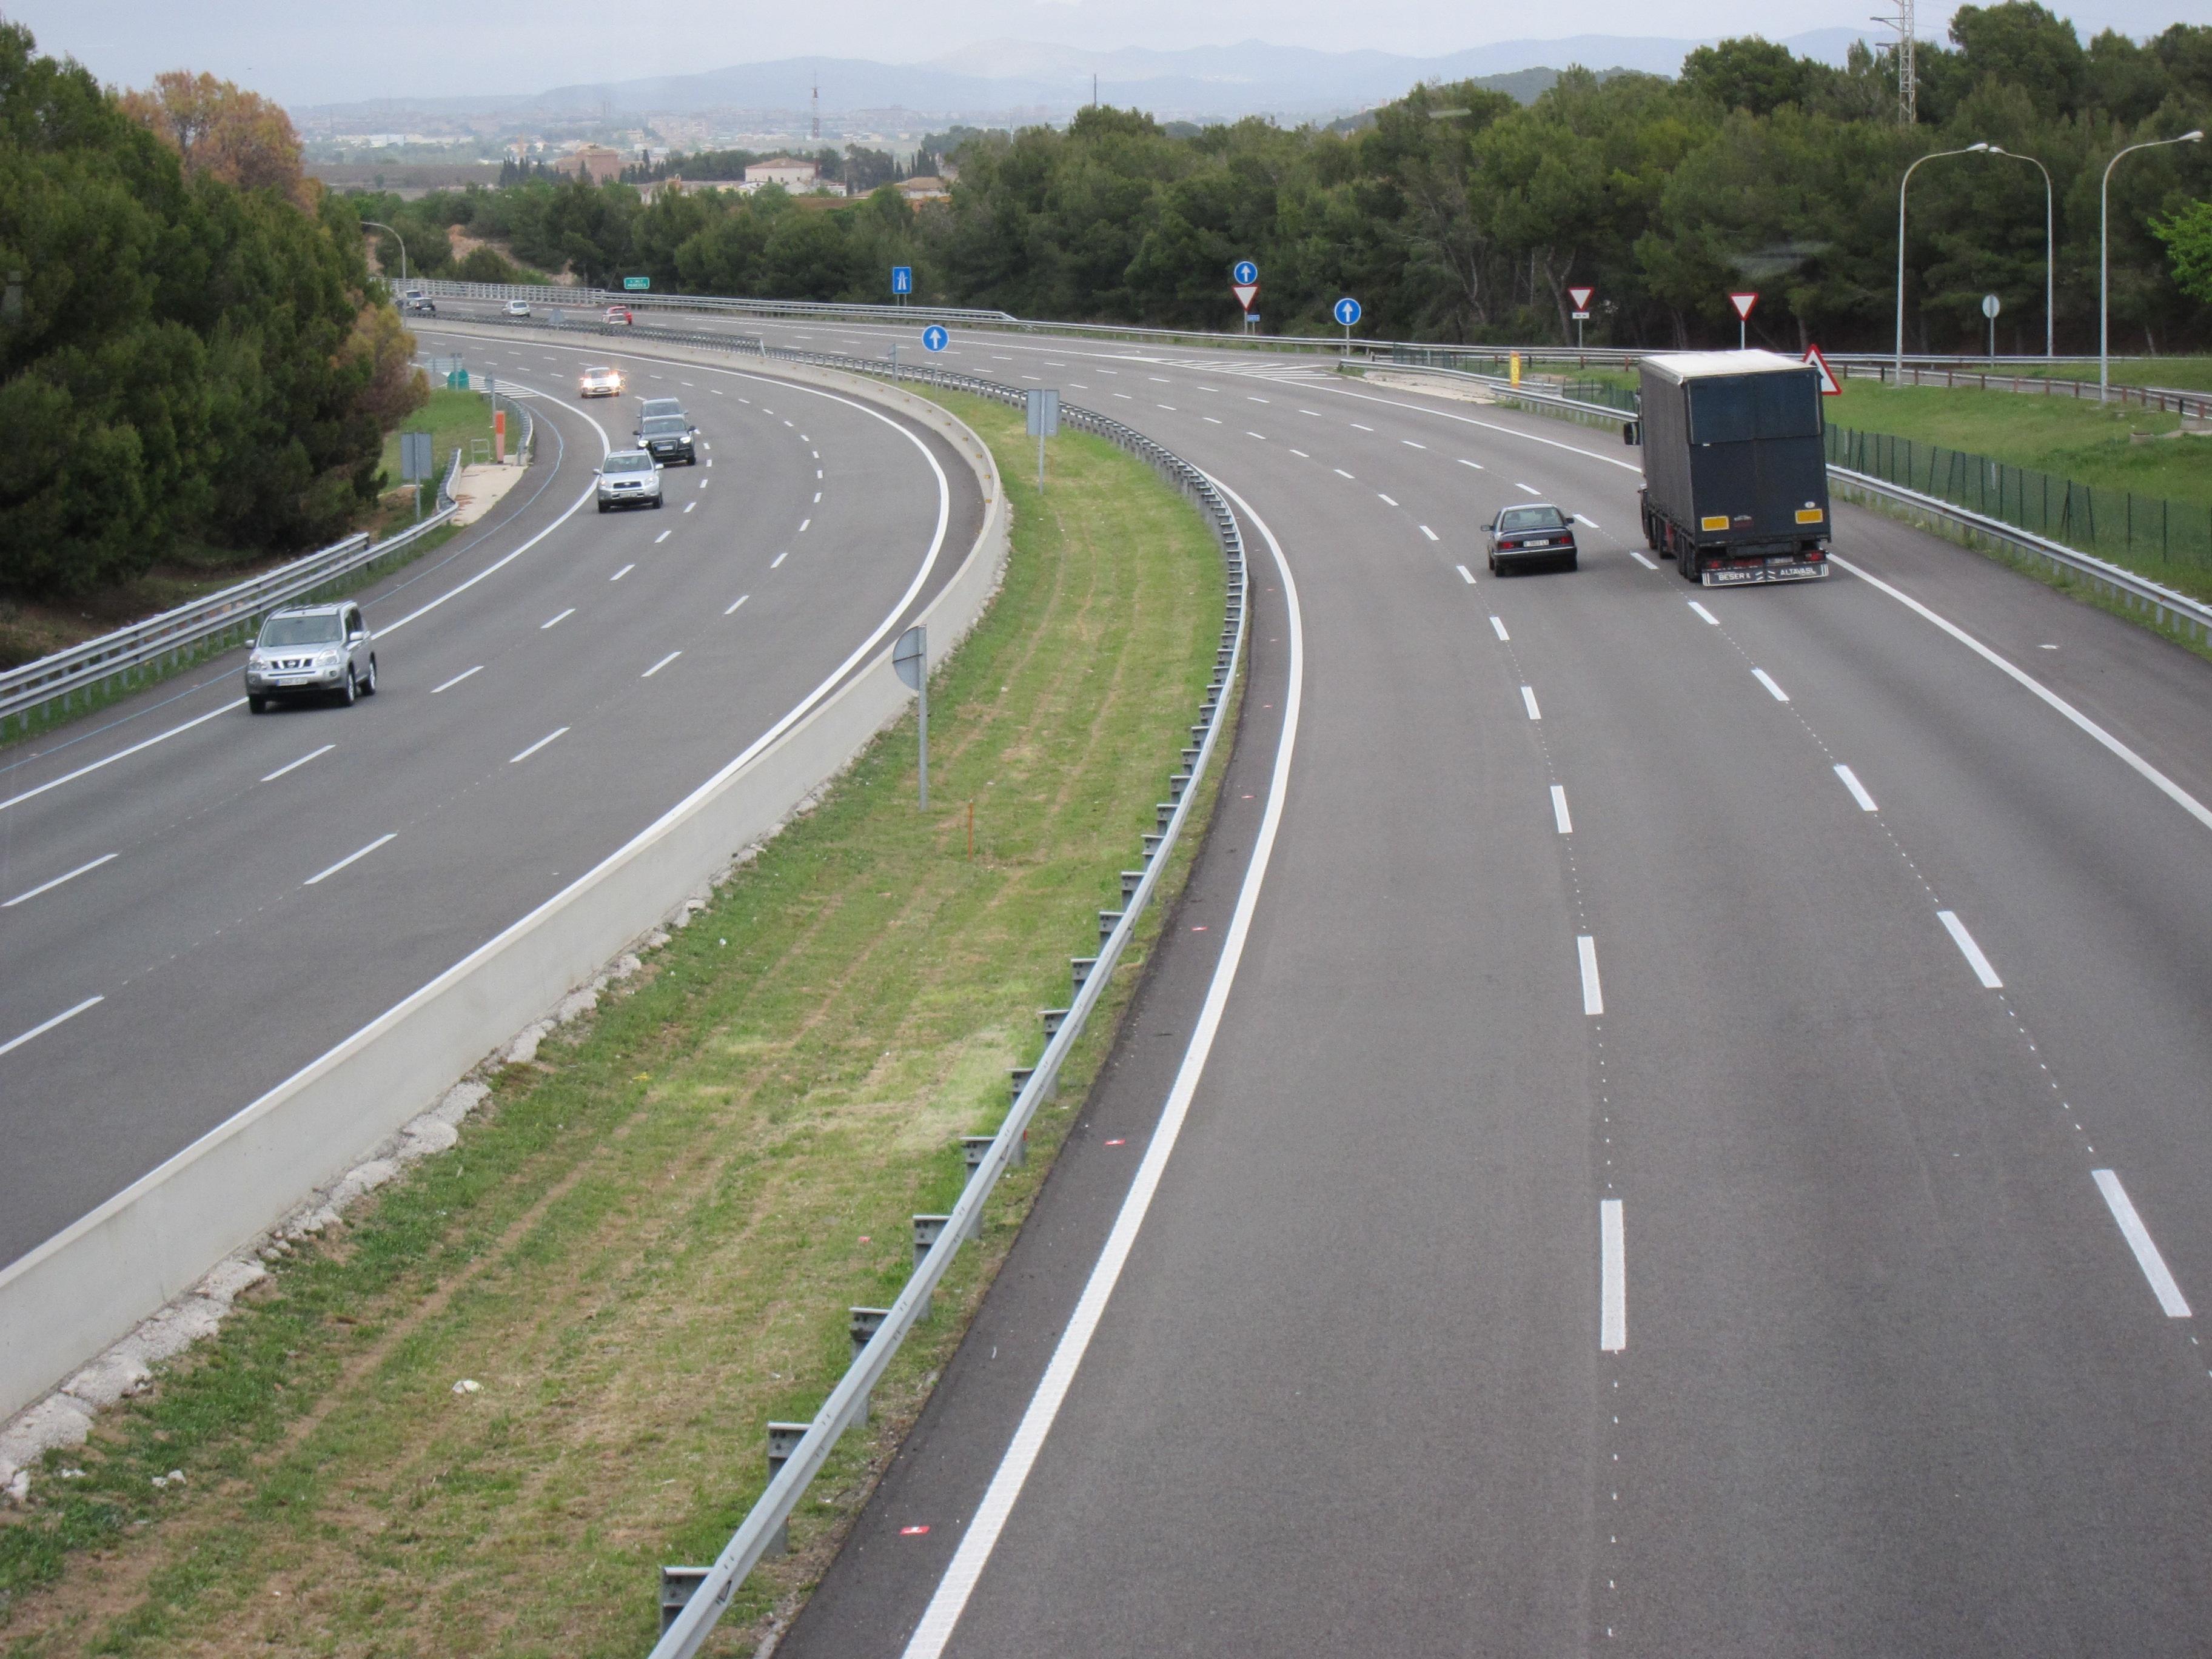 Tráfico prevé 2.560.000 desplazamientos por carretera en Castilla y León durante las Navidades